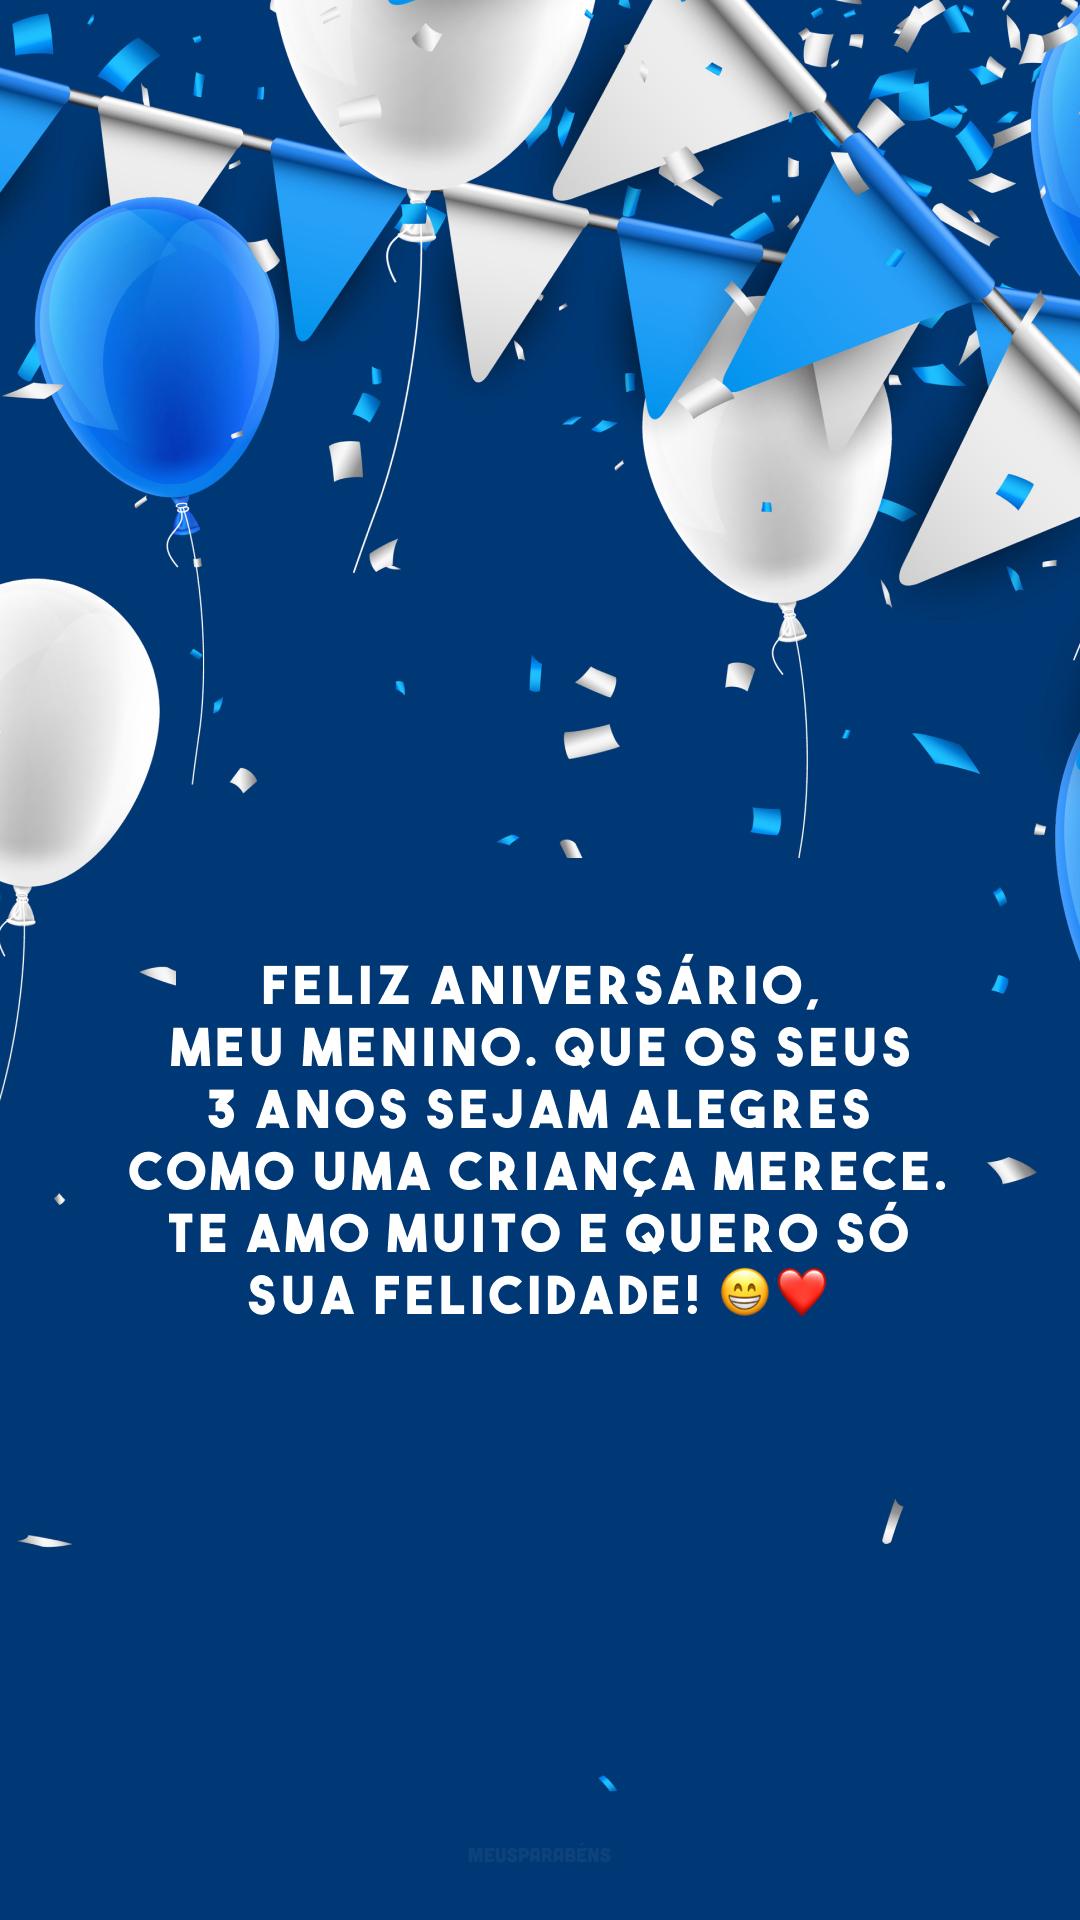 Feliz aniversário, meu menino. Que os seus 3 anos sejam alegres como uma criança merece. Te amo muito e quero só sua felicidade! 😁❤️